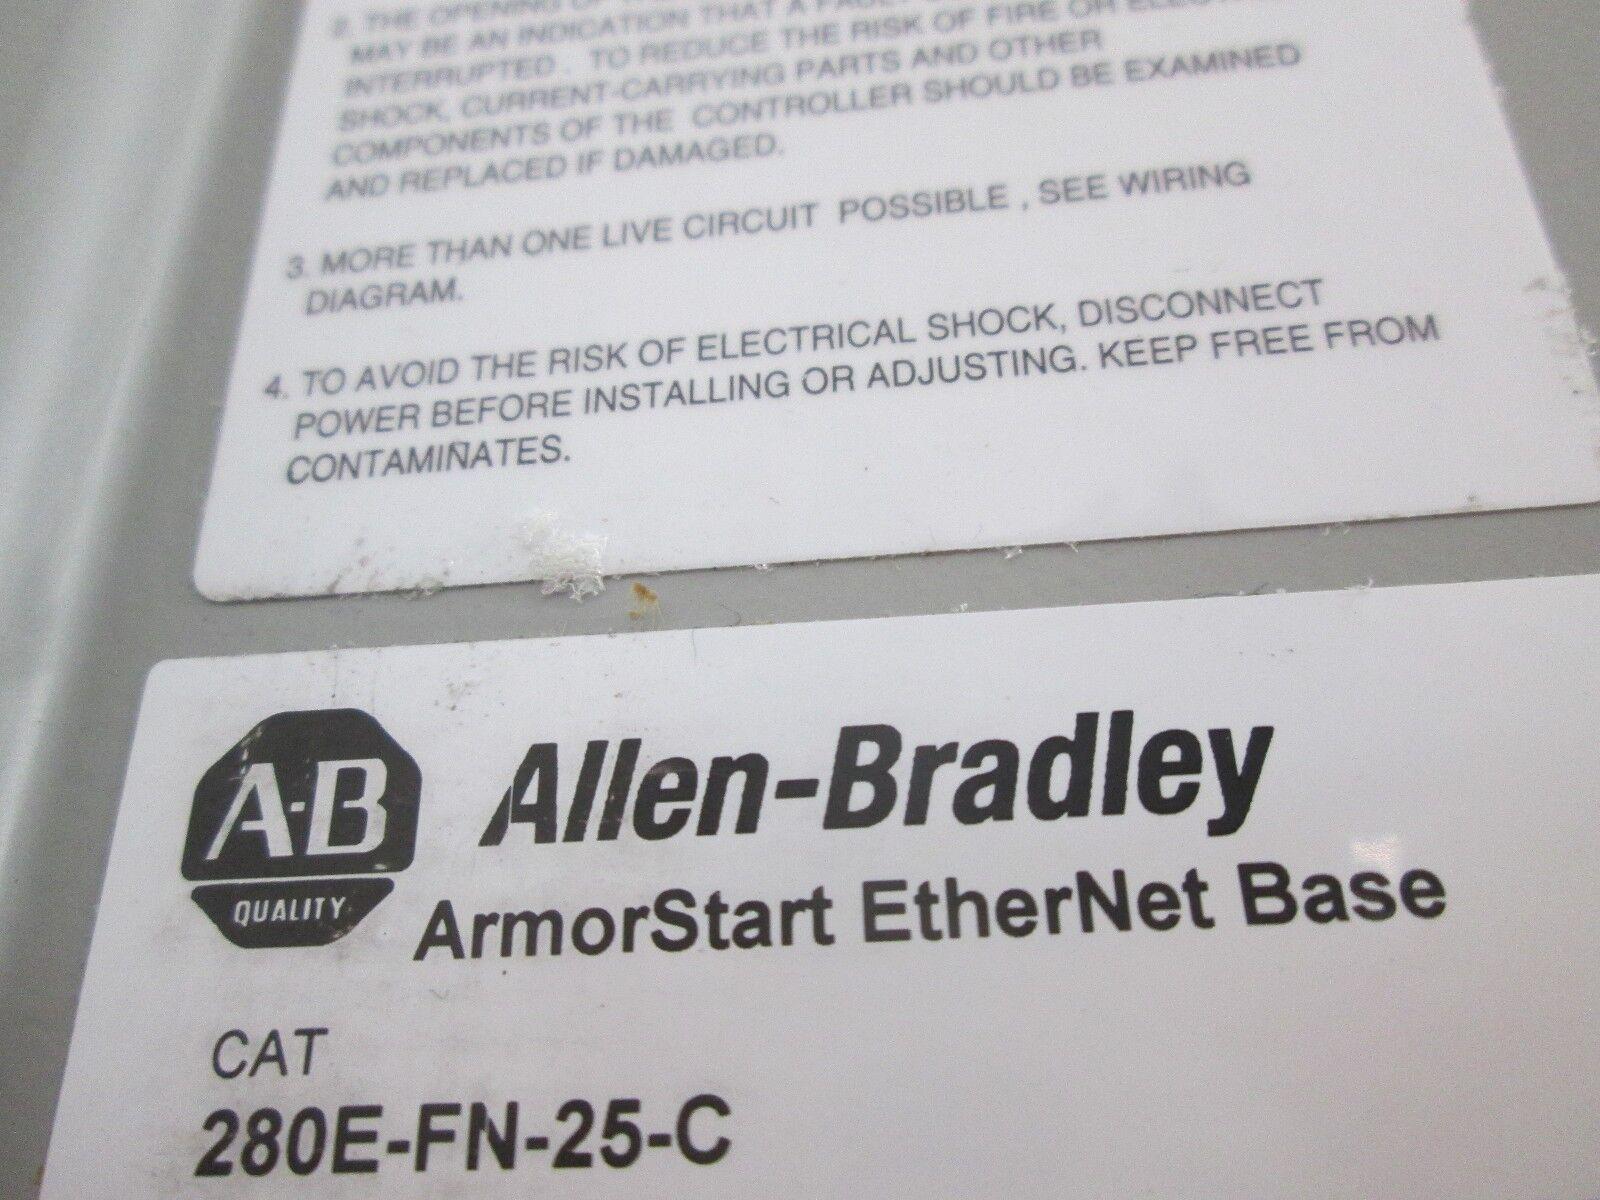 Allen Bradley 280e Fn 25 C Combination Armorstart Motor Base Controller Wiring Diagram 2 Of 6 Control Module